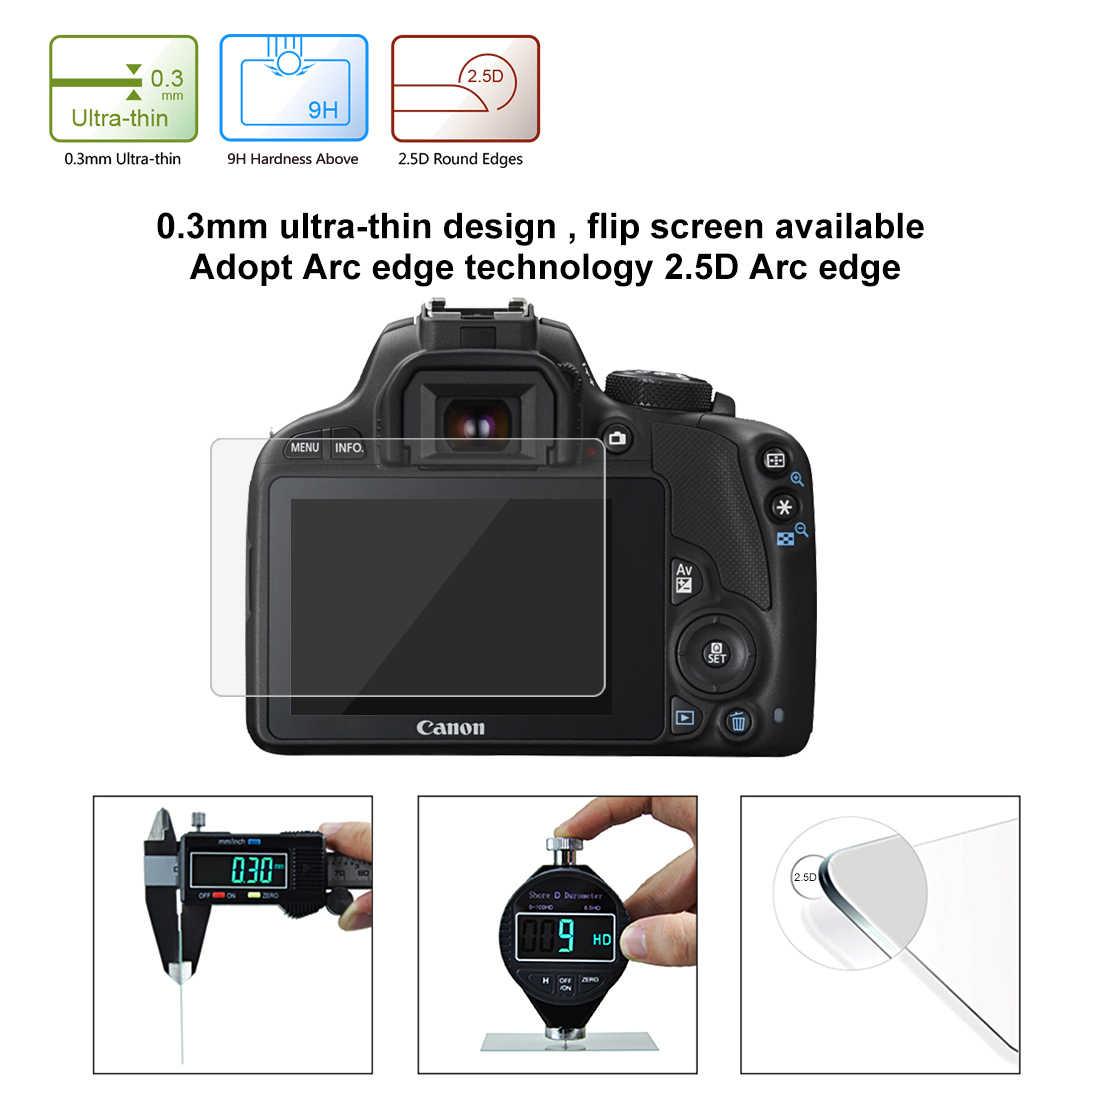 4 шт./лот (2 парами очков + 2 салфетки) для однообъективных цифровых зеркальных фотокамер и записывающих однообъективной зеркальной камеры Canon EOS M3 M5 M10 100D Rebel SL1/Kiss X7 PowerShot G1X Mark II G1X2 Экран протектор-!